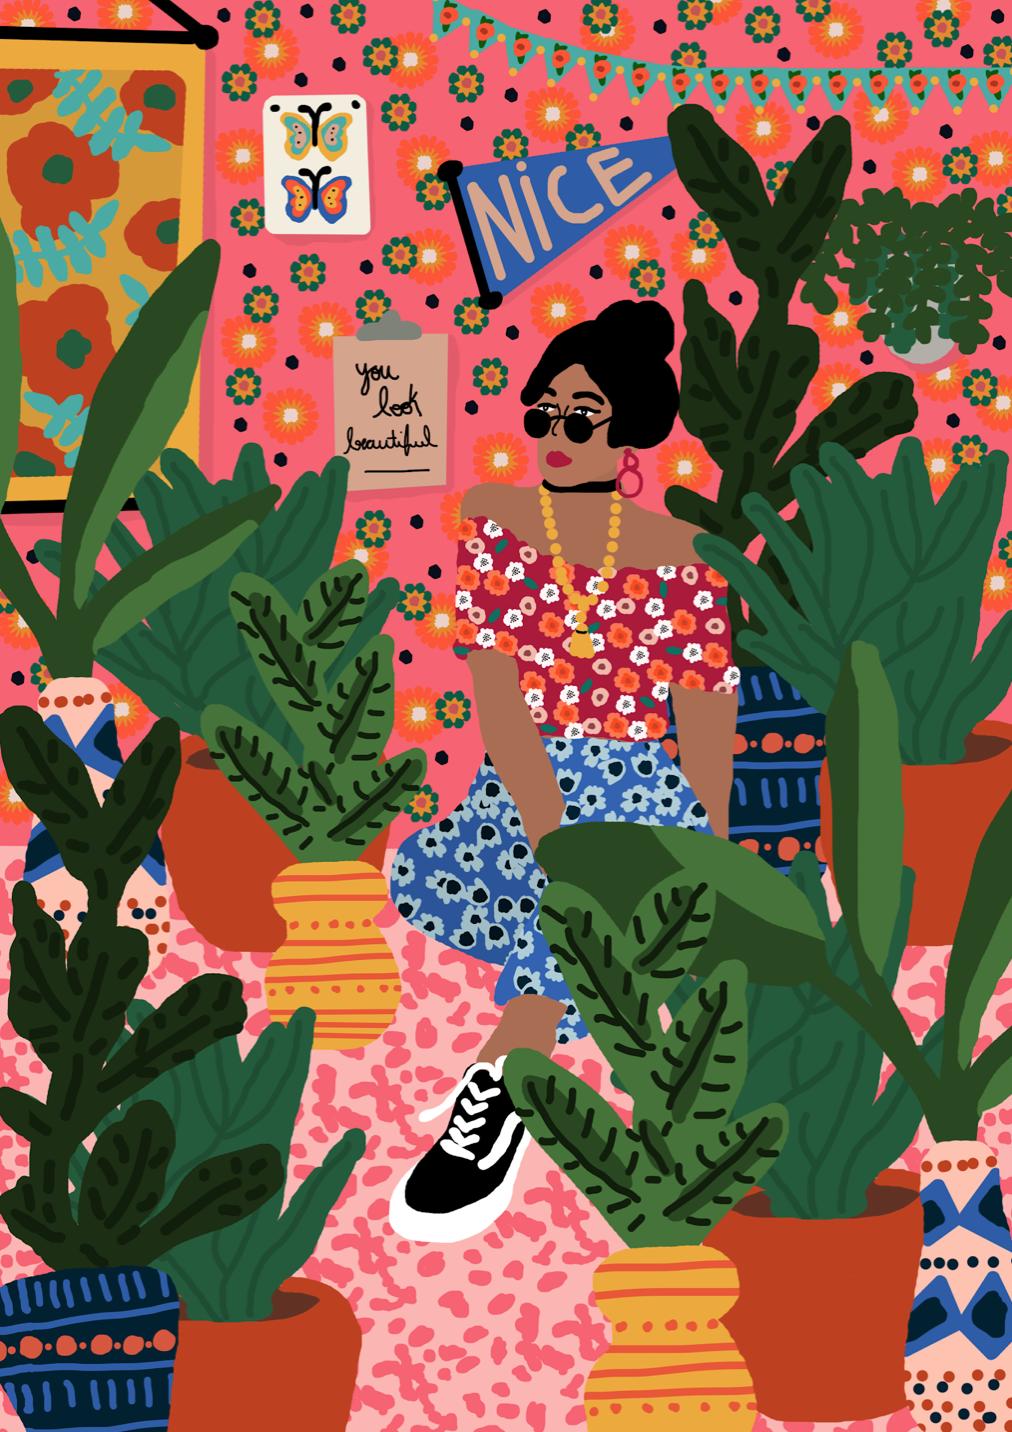 Le grafiche gioiose di Rafaela Mascaro | Collater.al